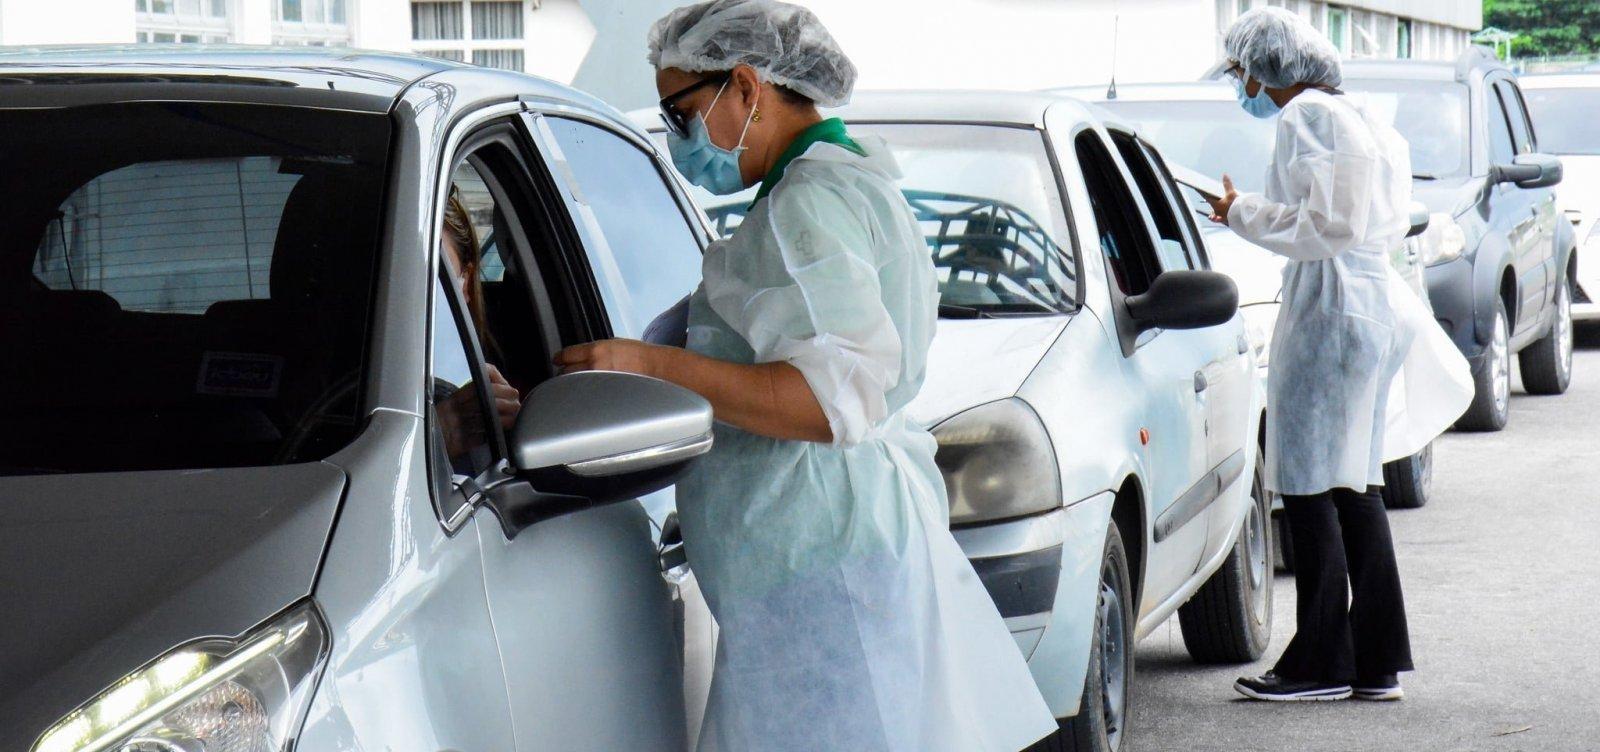 [MP registra 179 casos de desrespeito à ordem da vacinação na Bahia]